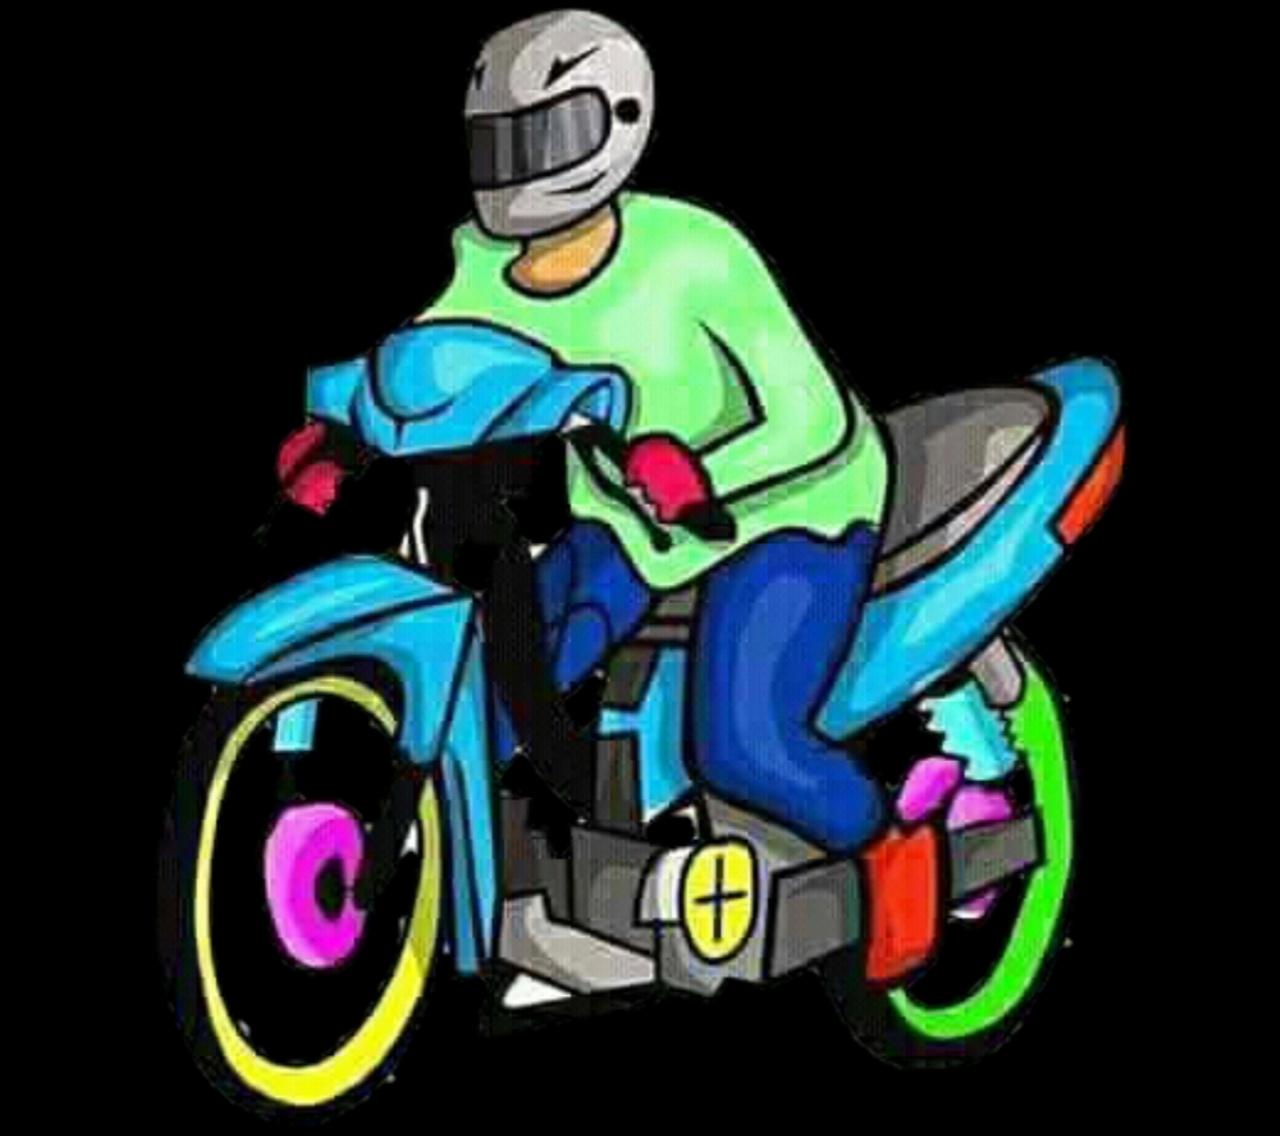 Download mentahan pixellab sticker motor racing hd terbaru